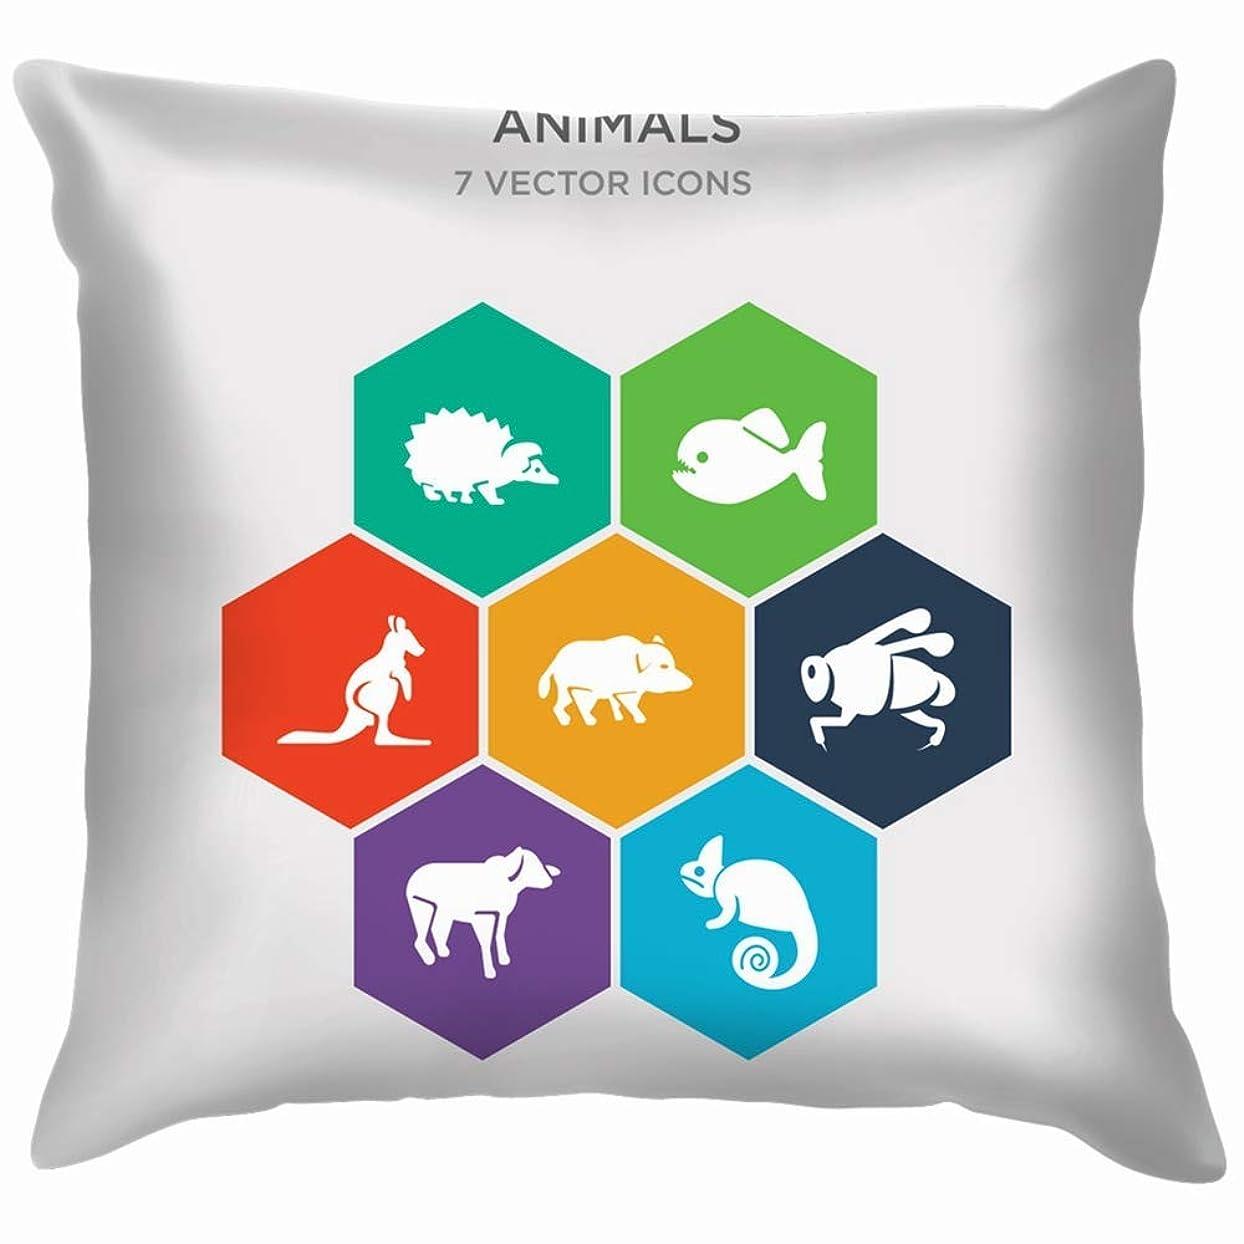 満足させる起業家アマゾンジャングルシンプルセットカメレオン雌羊フライ動物投げ枕カバーホームソファクッションカバー枕ギフト45x45 cm